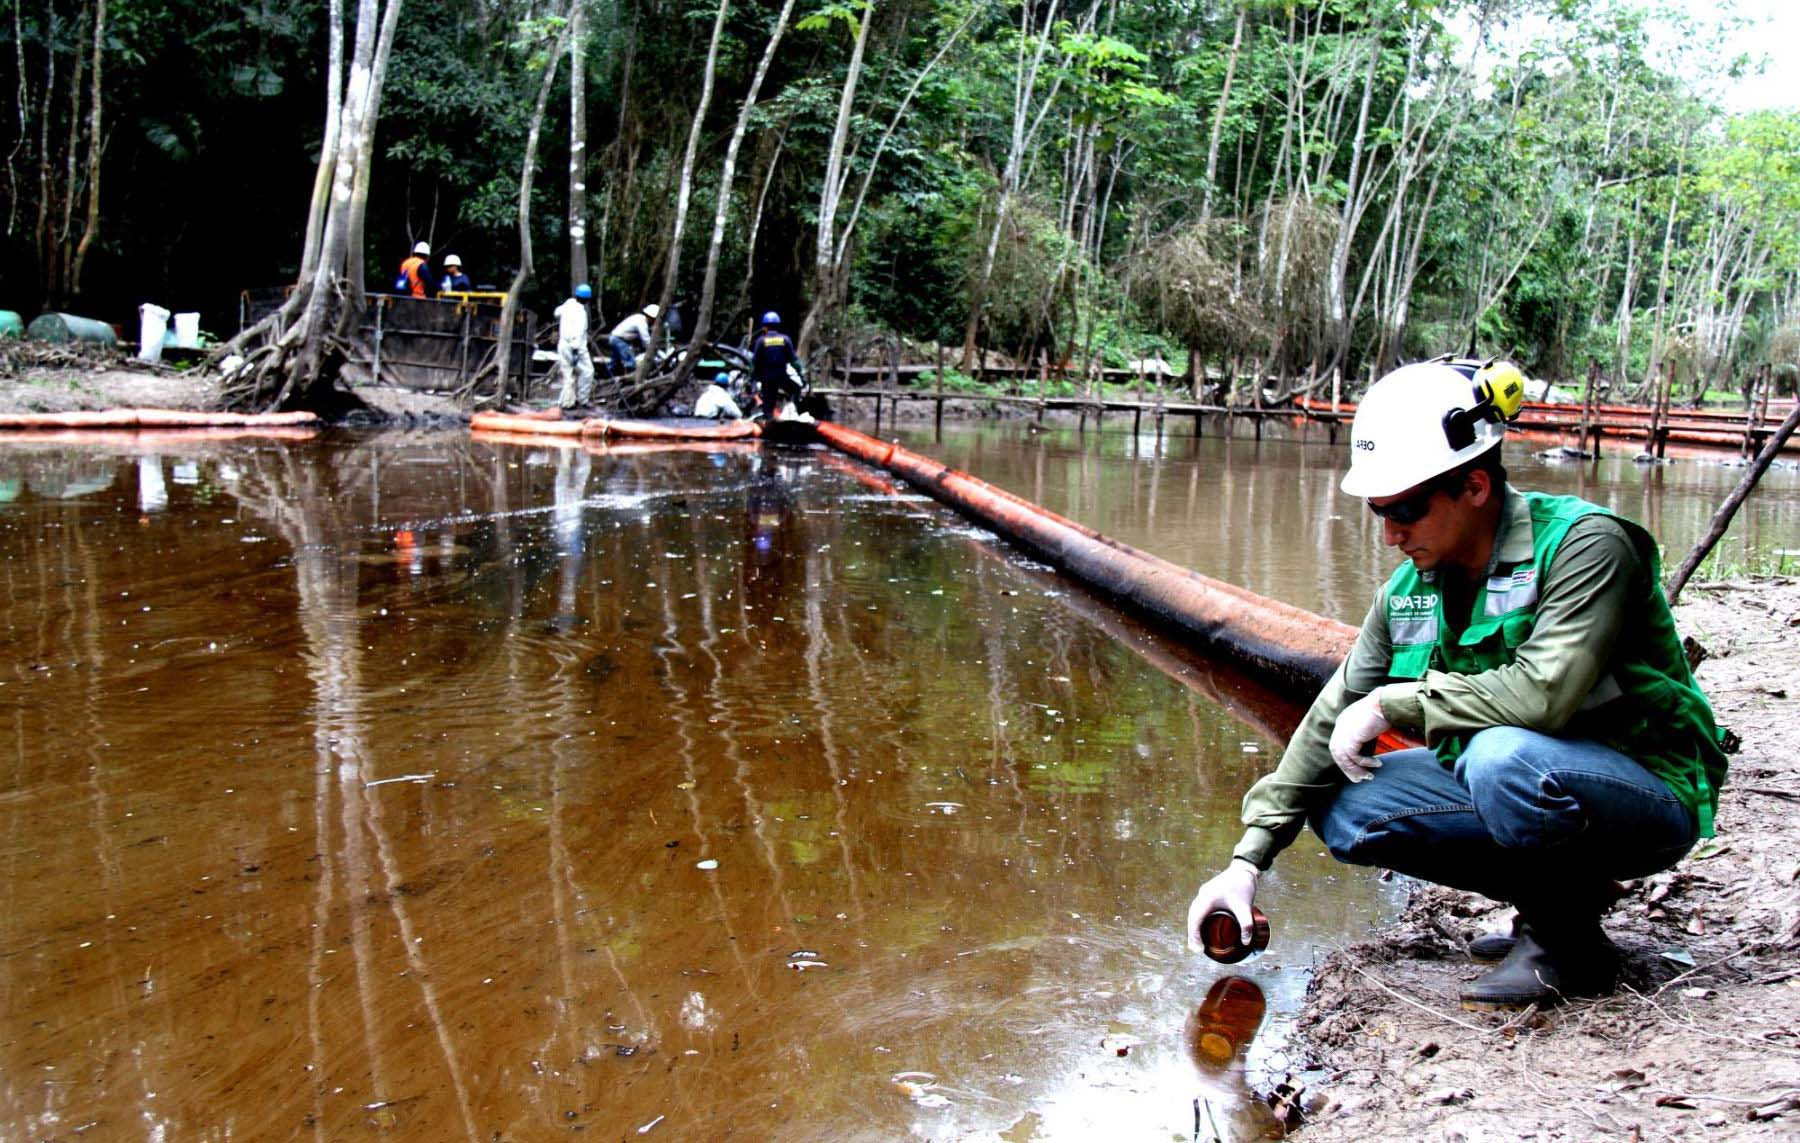 El OEFA podría imponer una multa hasta de 23 millones de dólares por inconciencia ambiental